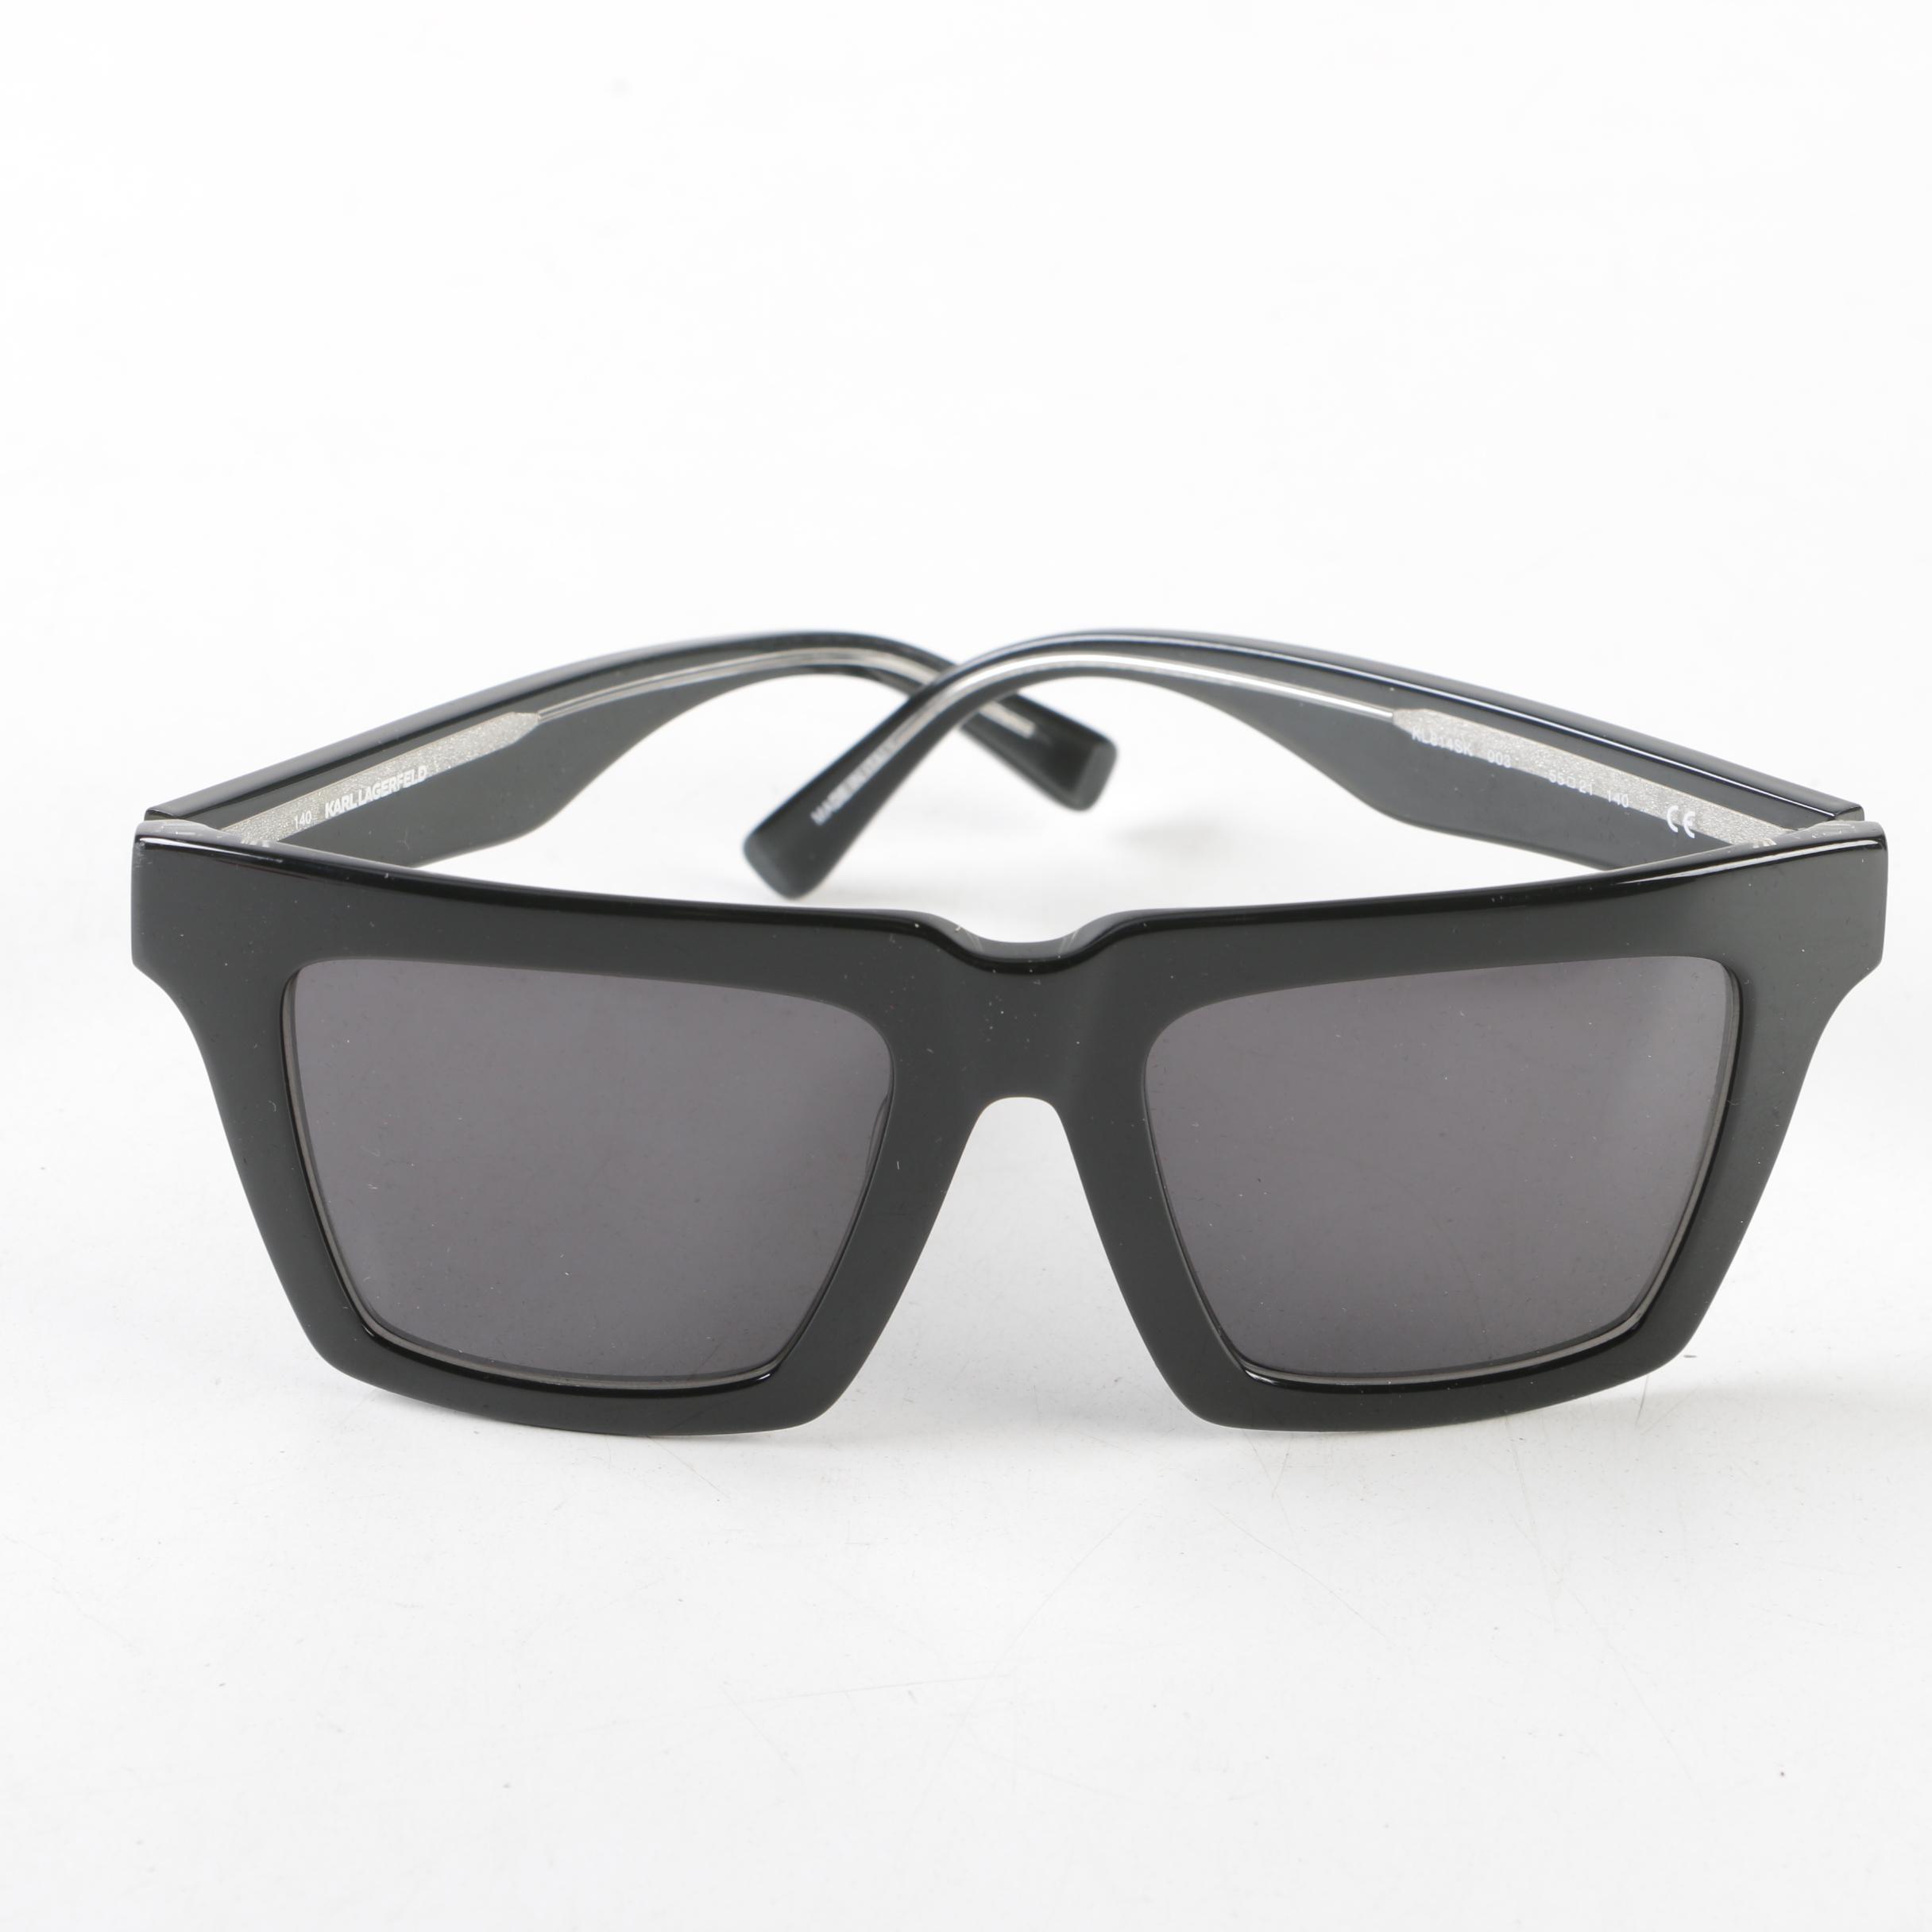 Karl Lagerfeld KL814SK Sunglasses